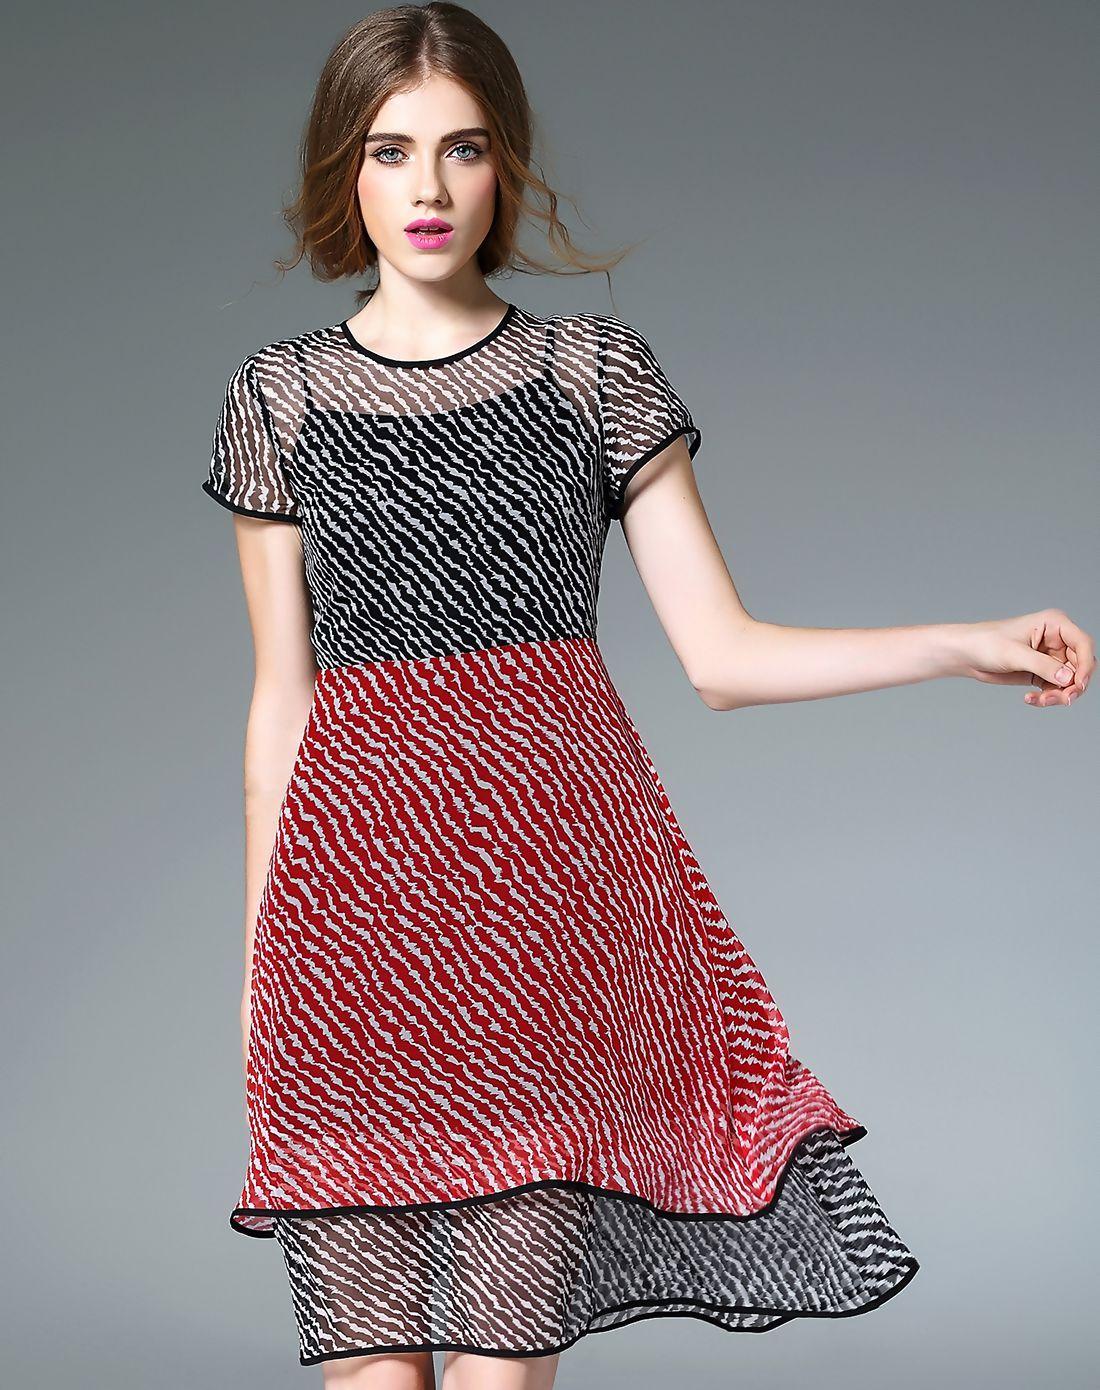 d539fd75a2c  AdoreWe  VIPme A-Line Dresses - Designer Fantiow Black Silk Contrast Color  A-line Midi Dress - AdoreWe.com